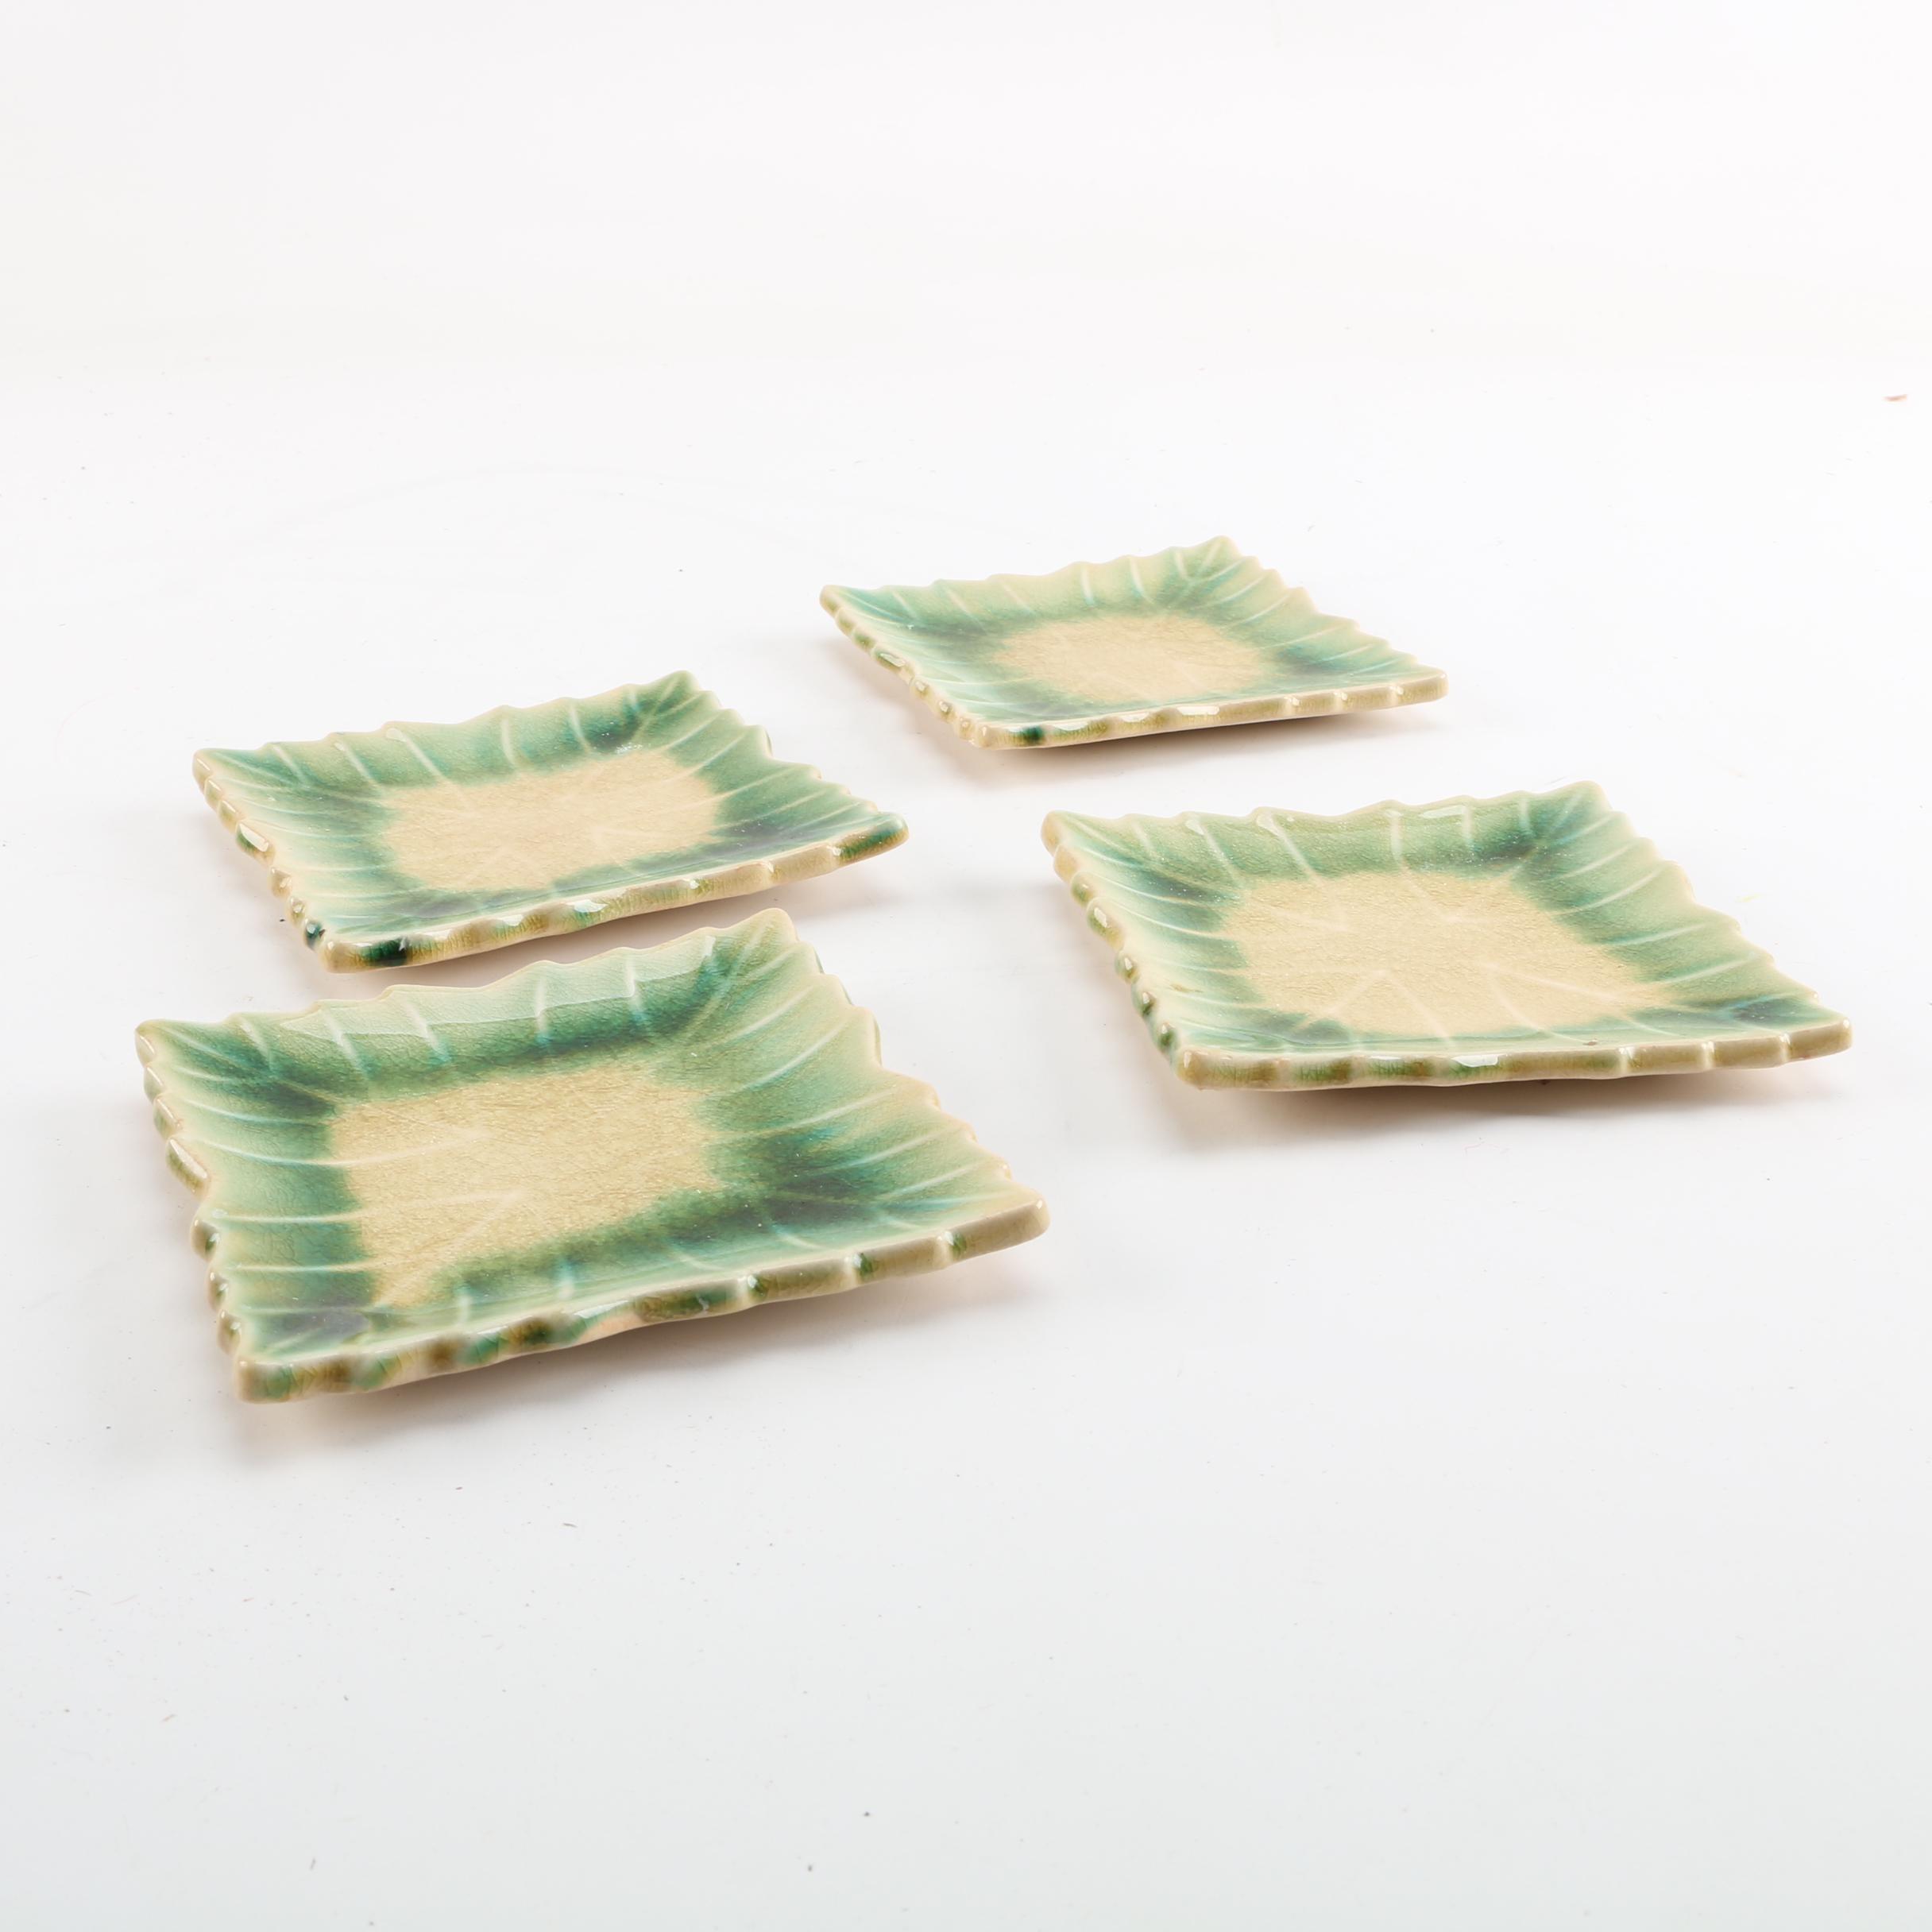 Kotobuki Japanese Decorative Ceramic Plates